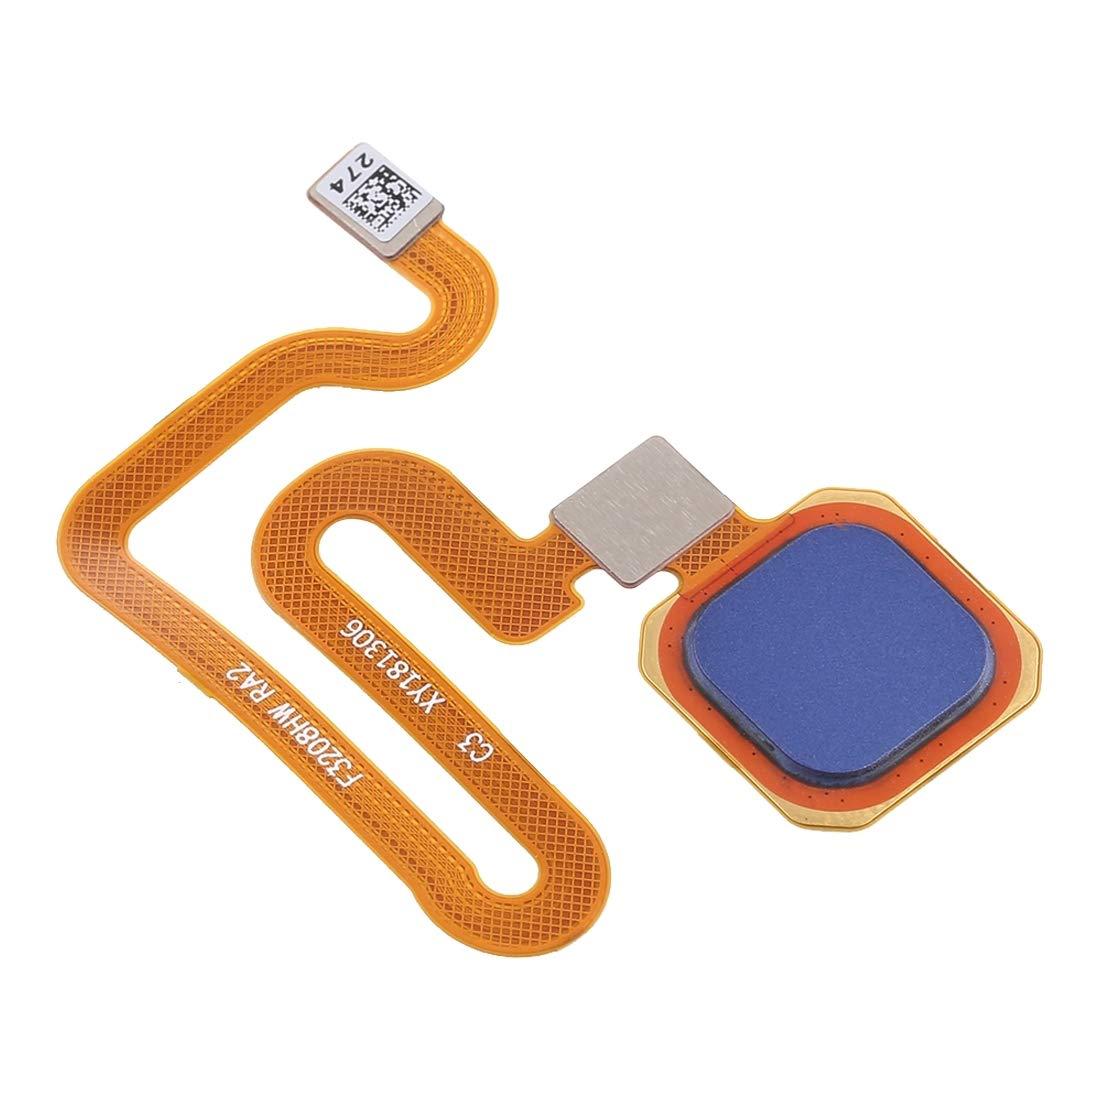 Amazon.com: Replacement Pats, Fingerprint Sensor Flex Cable for Vivo X20 Plus / X20 (Color : Rose Gold): Electronics